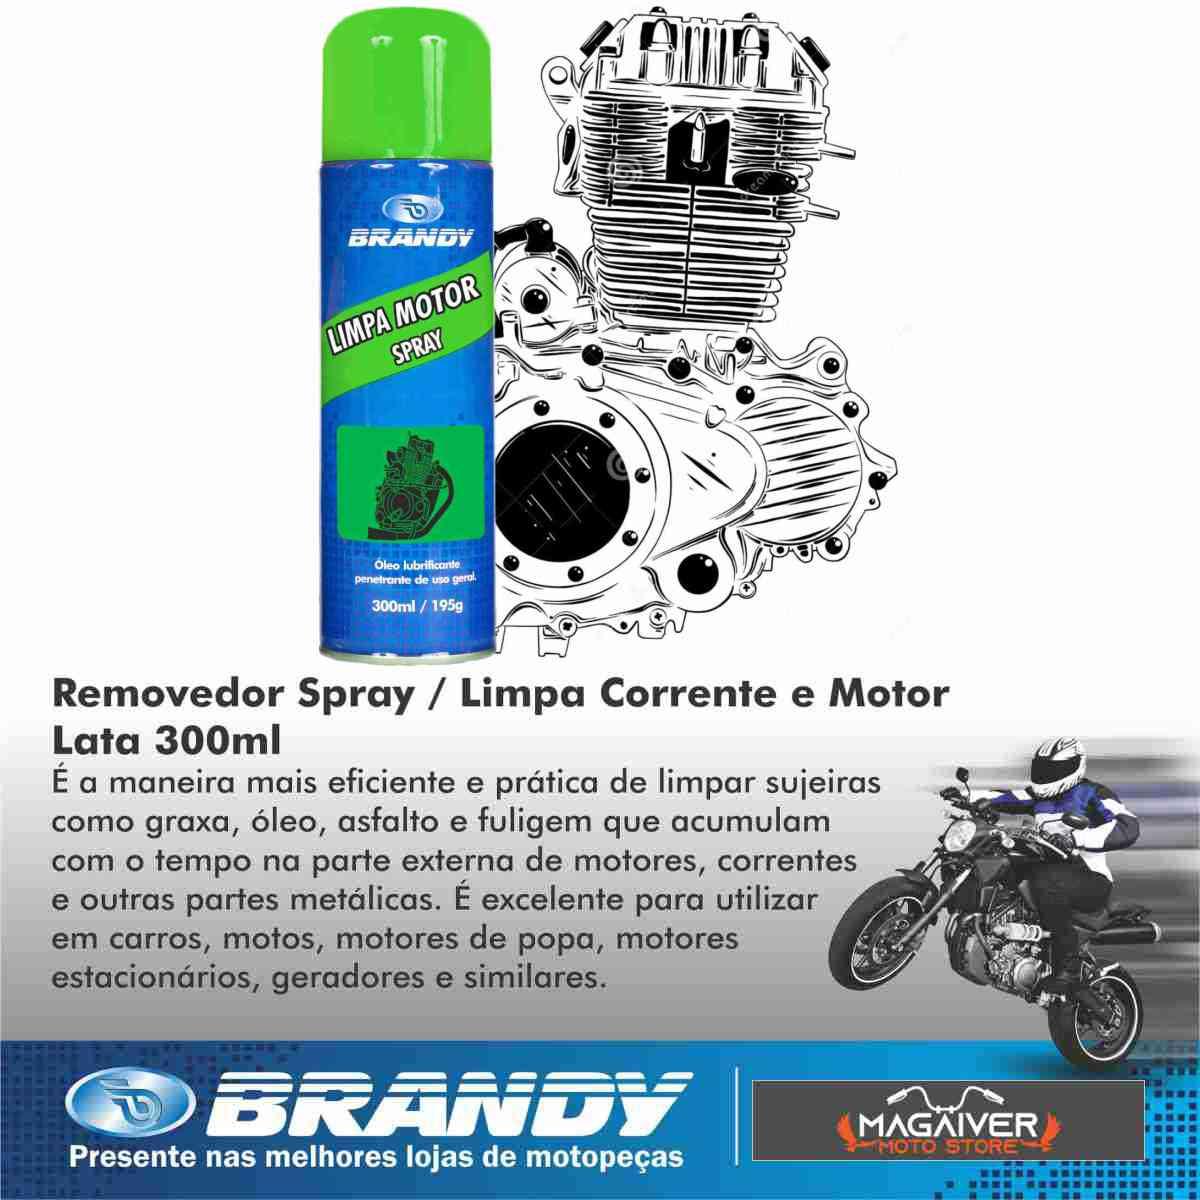 KIT 2 GRAXA MOTO SPRAY + 1 REMOVEDOR LIMPADOR CORRENTE E MOTOR + 1 DESENGRIPANTE DESENGRAXANTE 300ml